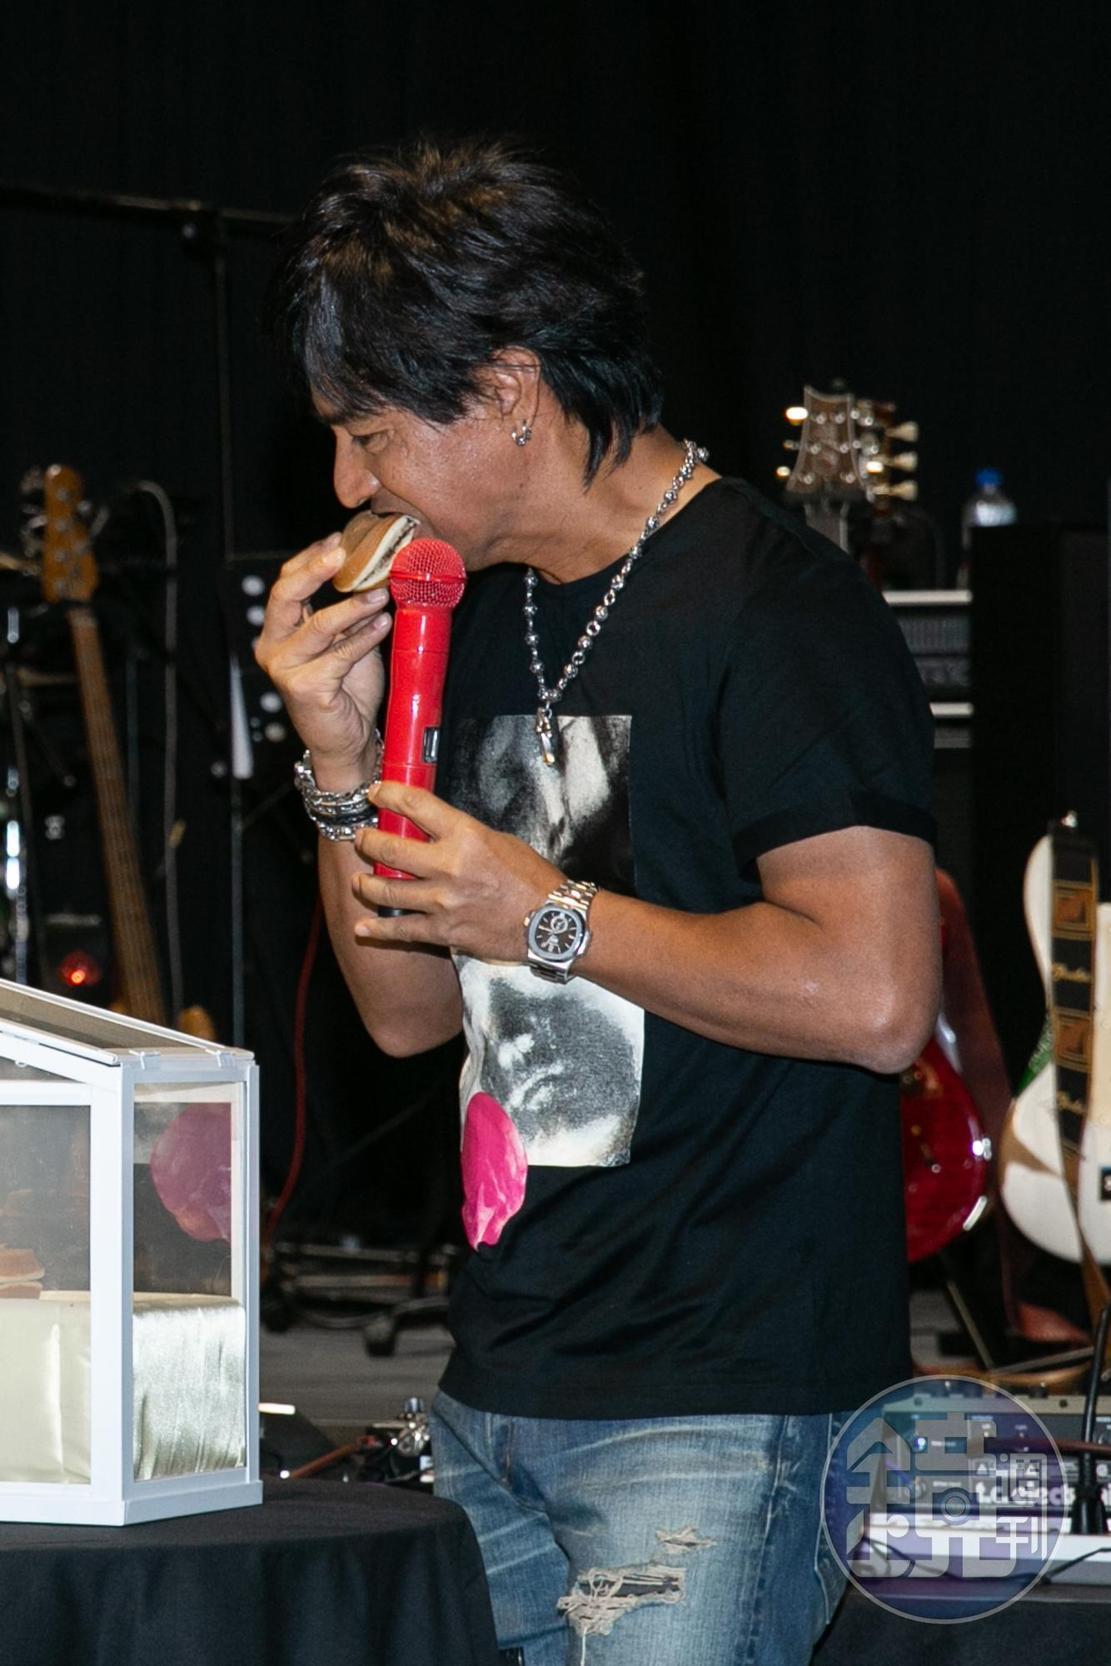 愛吃甜點的尤秋興,被下「封紅豆餅」,尤秋興抓空偷吃。